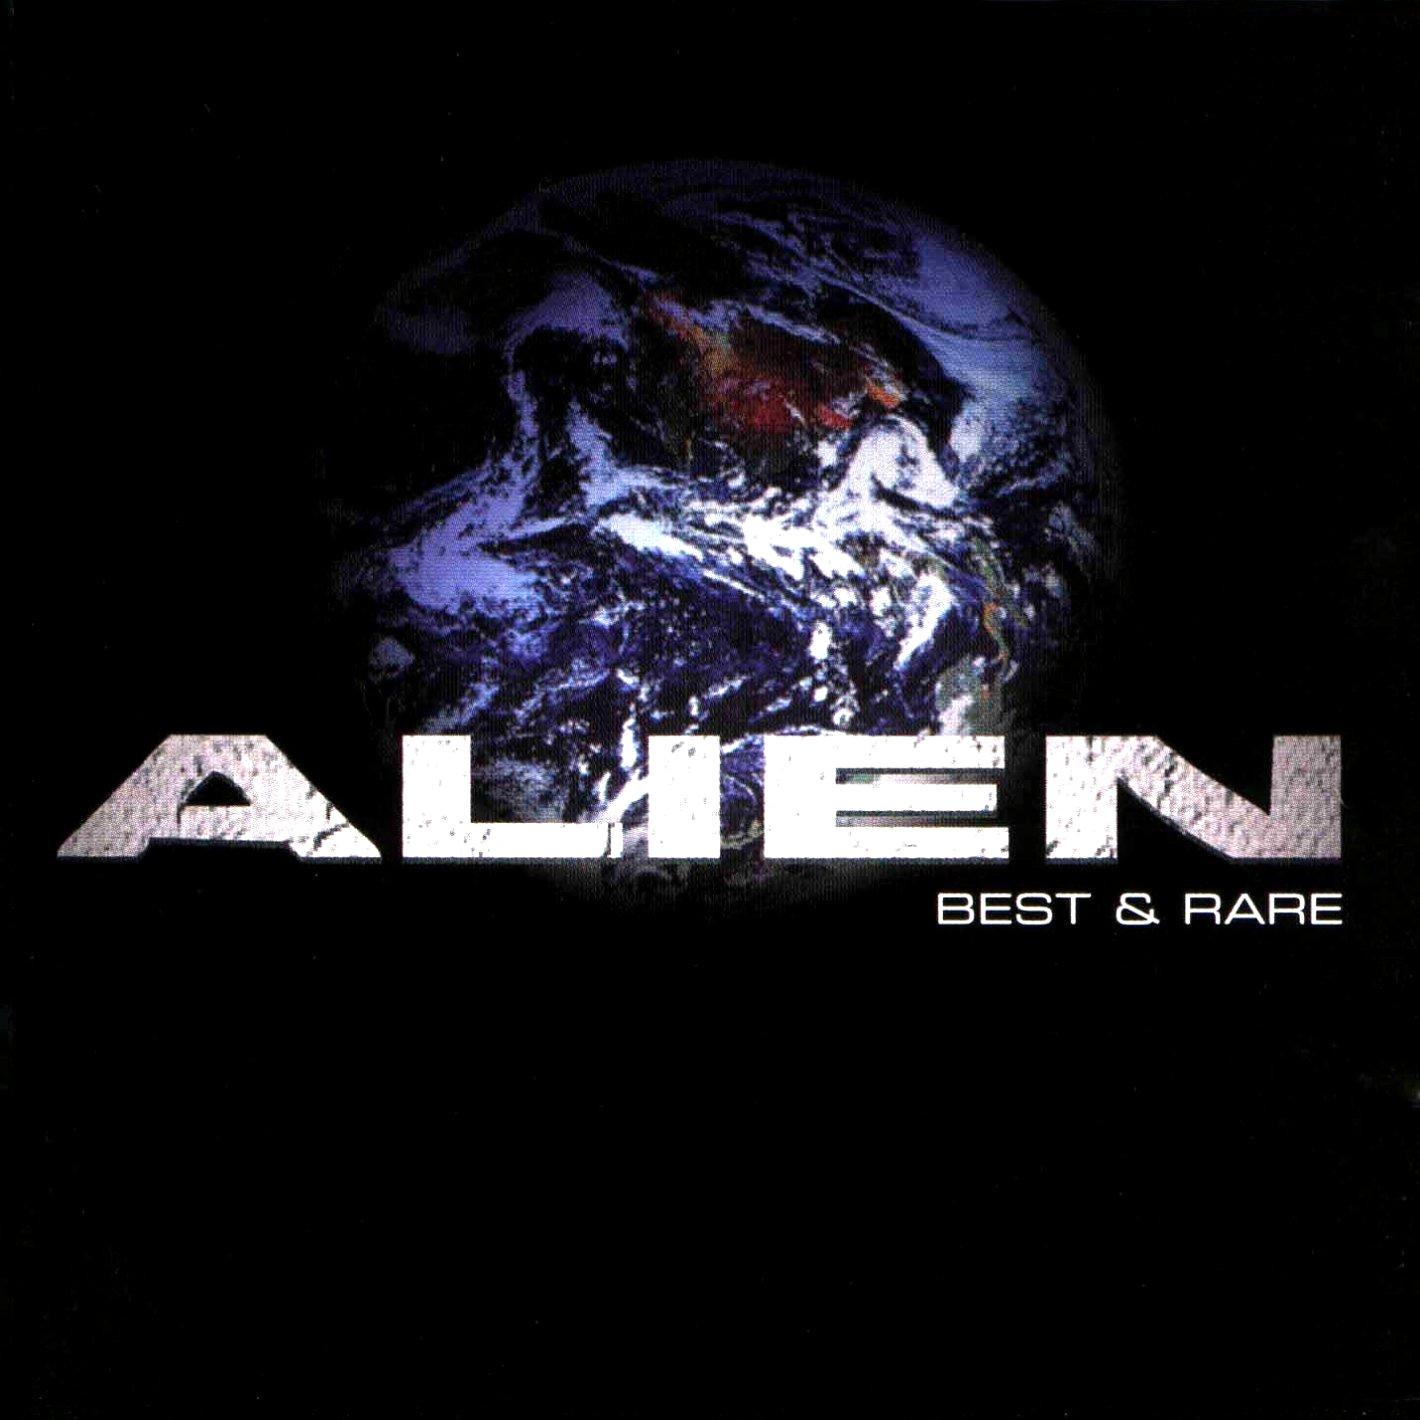 Alien+-+Best+%2526+Rare+%25281997%2529+b